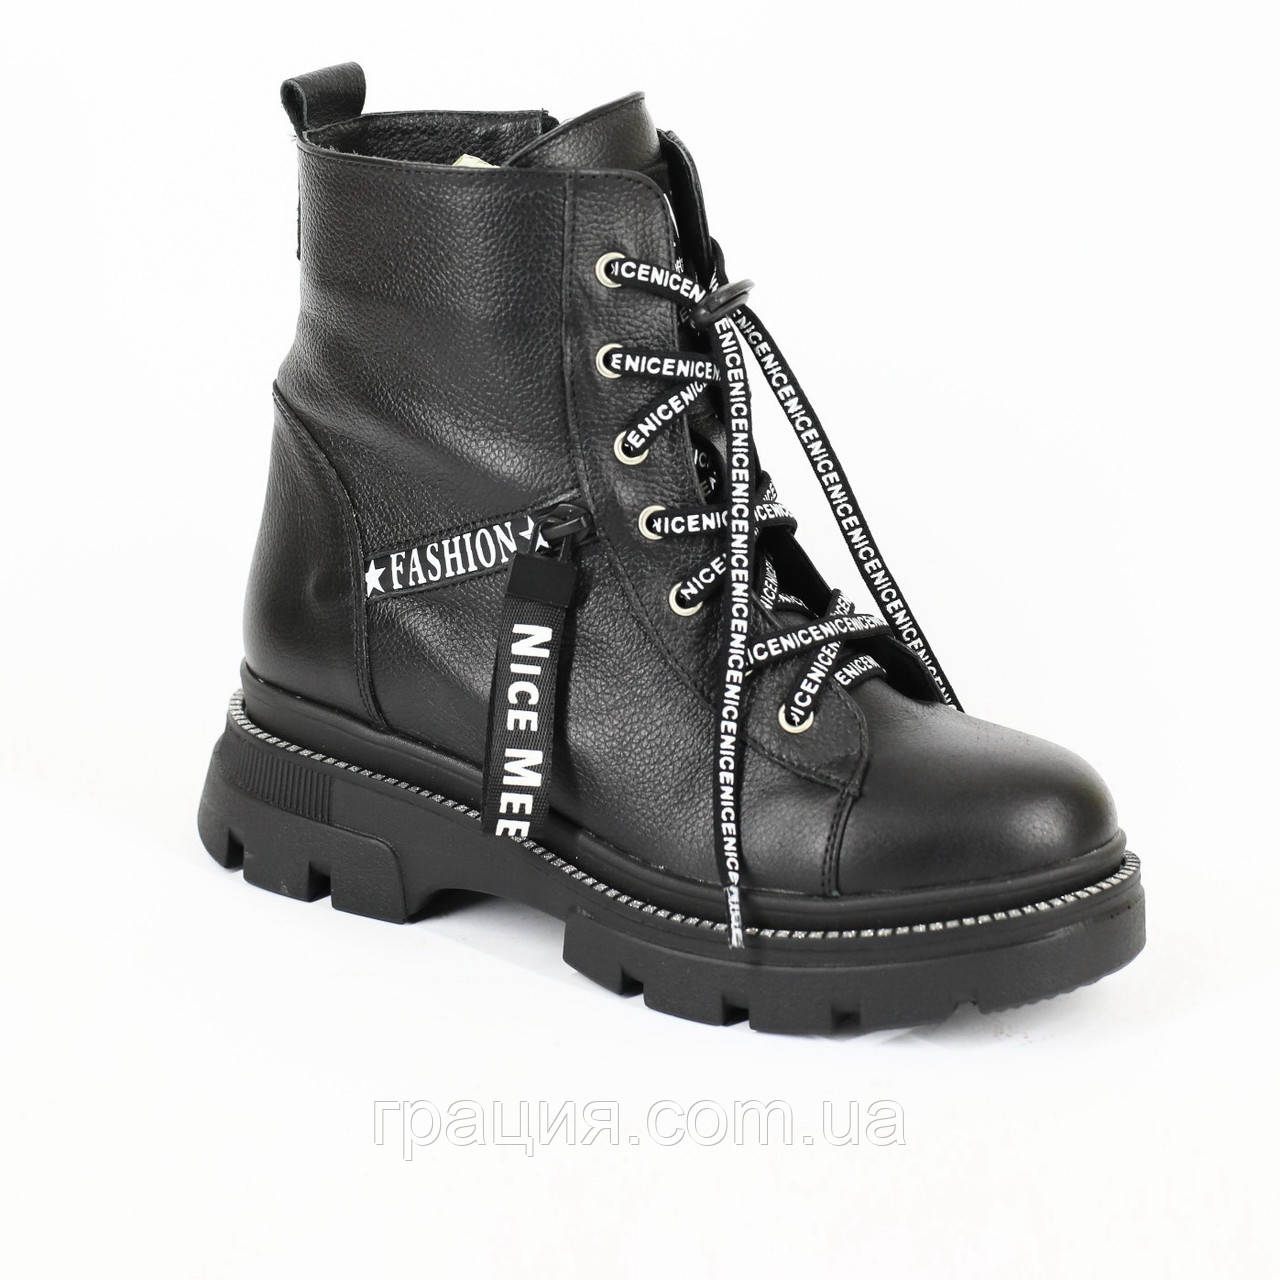 Стильные молодежные зимние ботинки кожаные